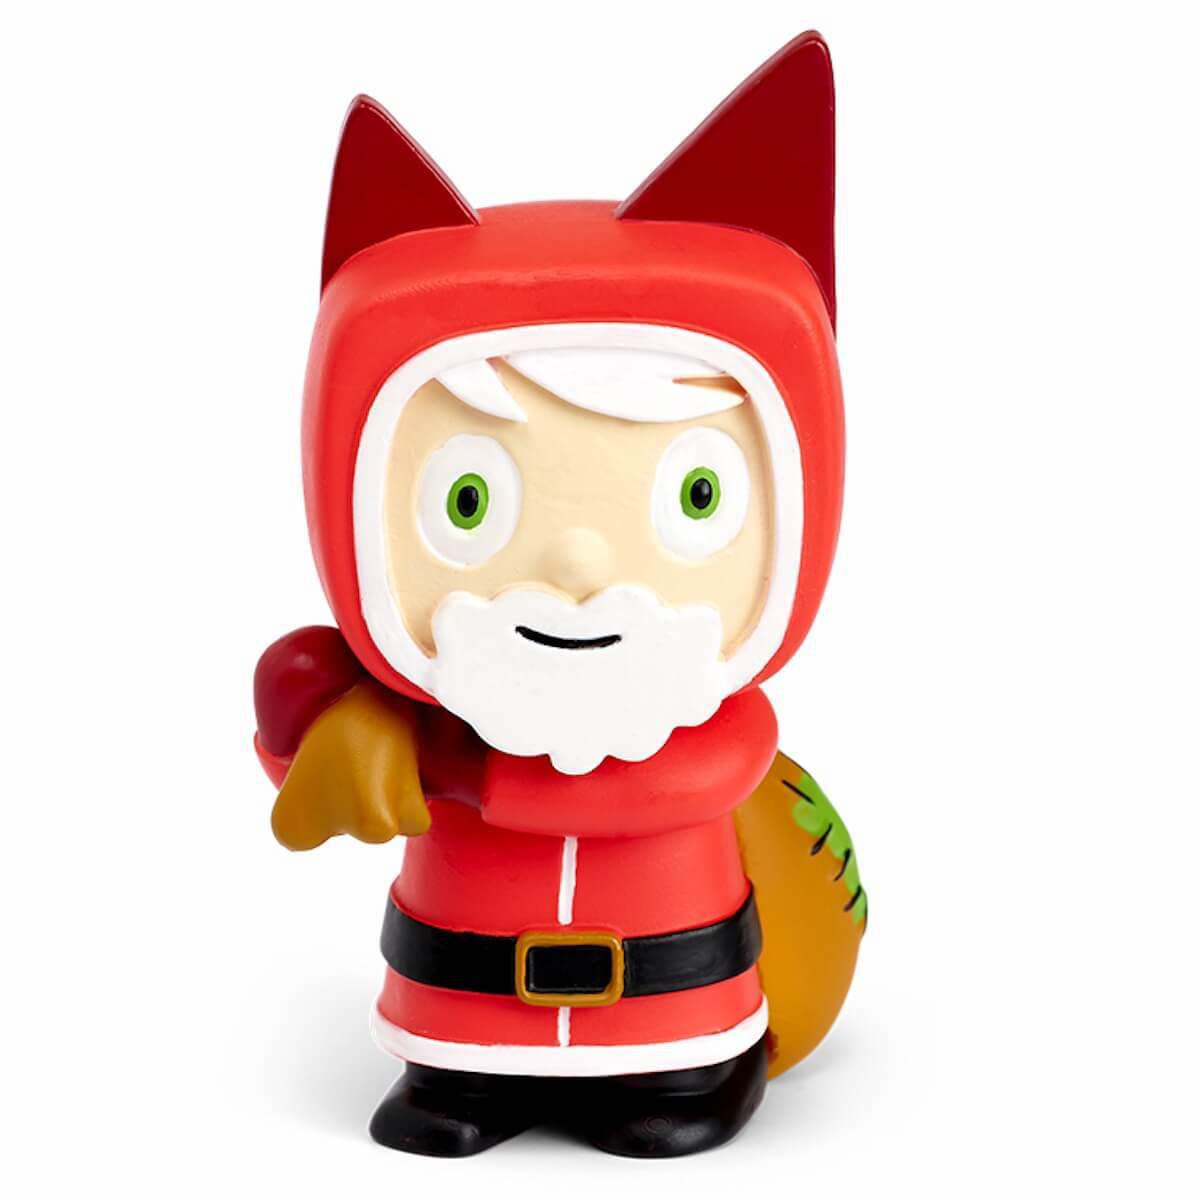 Hörspielfigur TONIES Kreativ-Tonie Weihnachtsmann